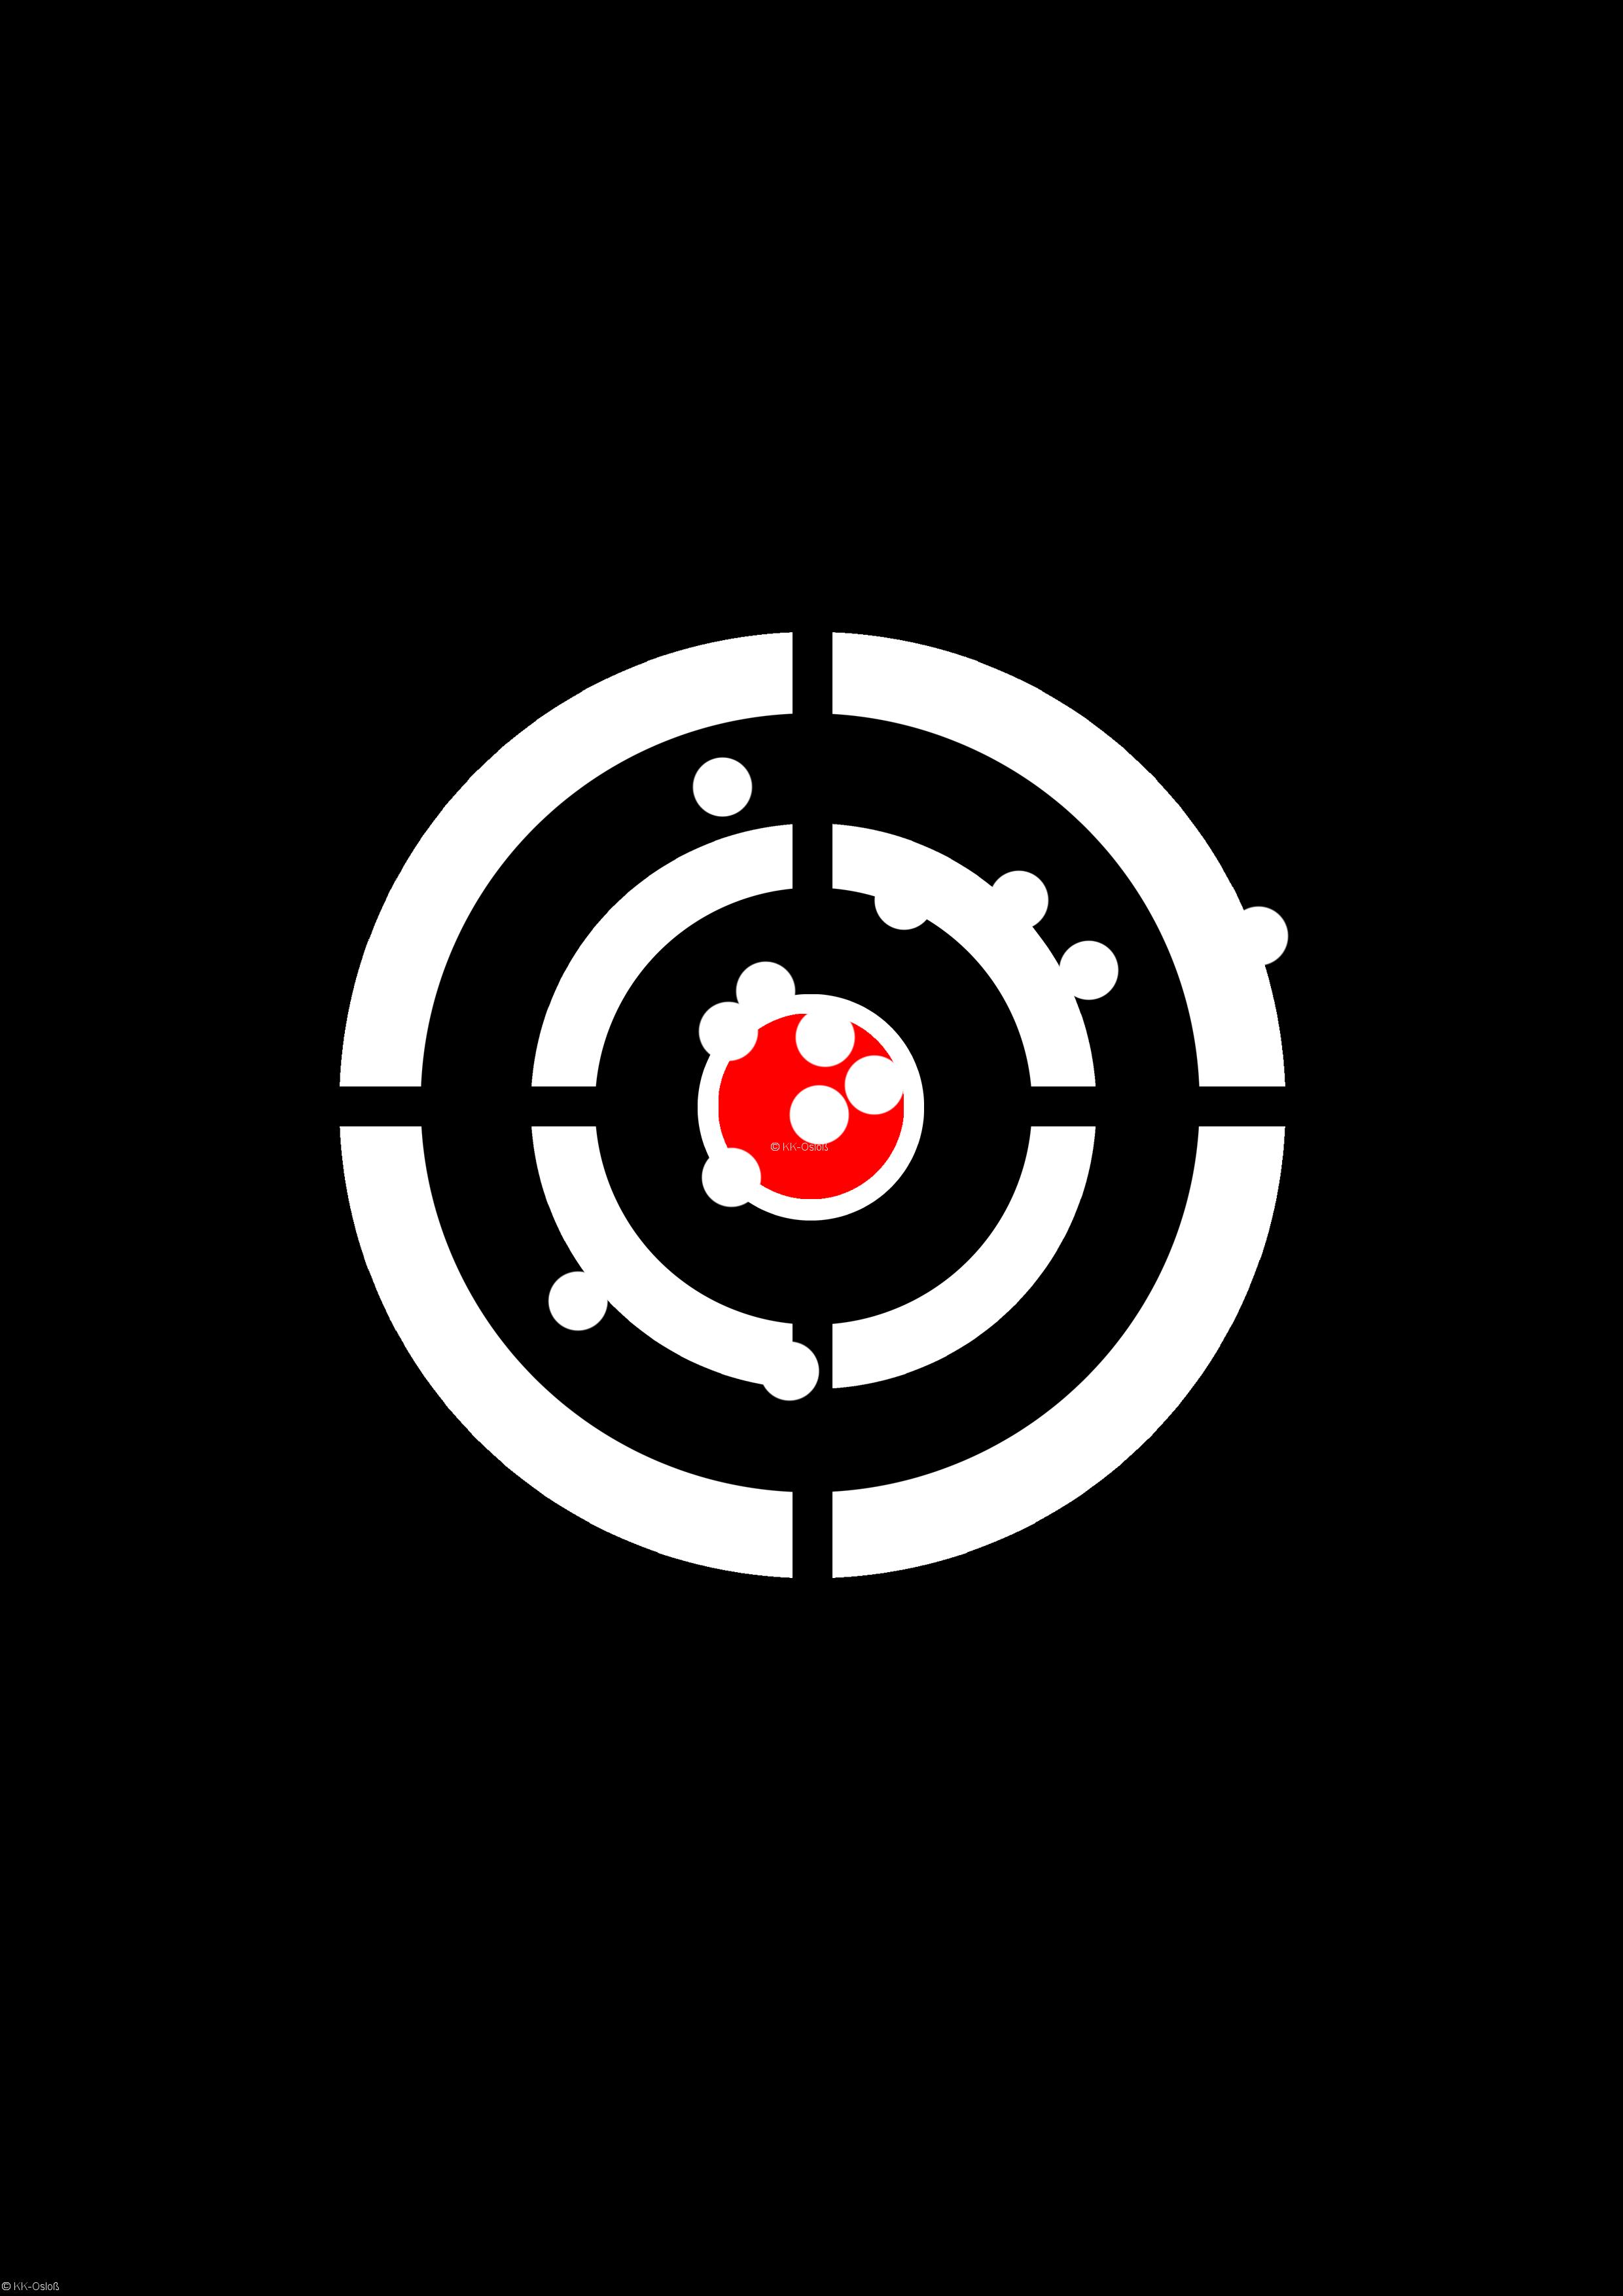 Zielscheibe_Schüsse